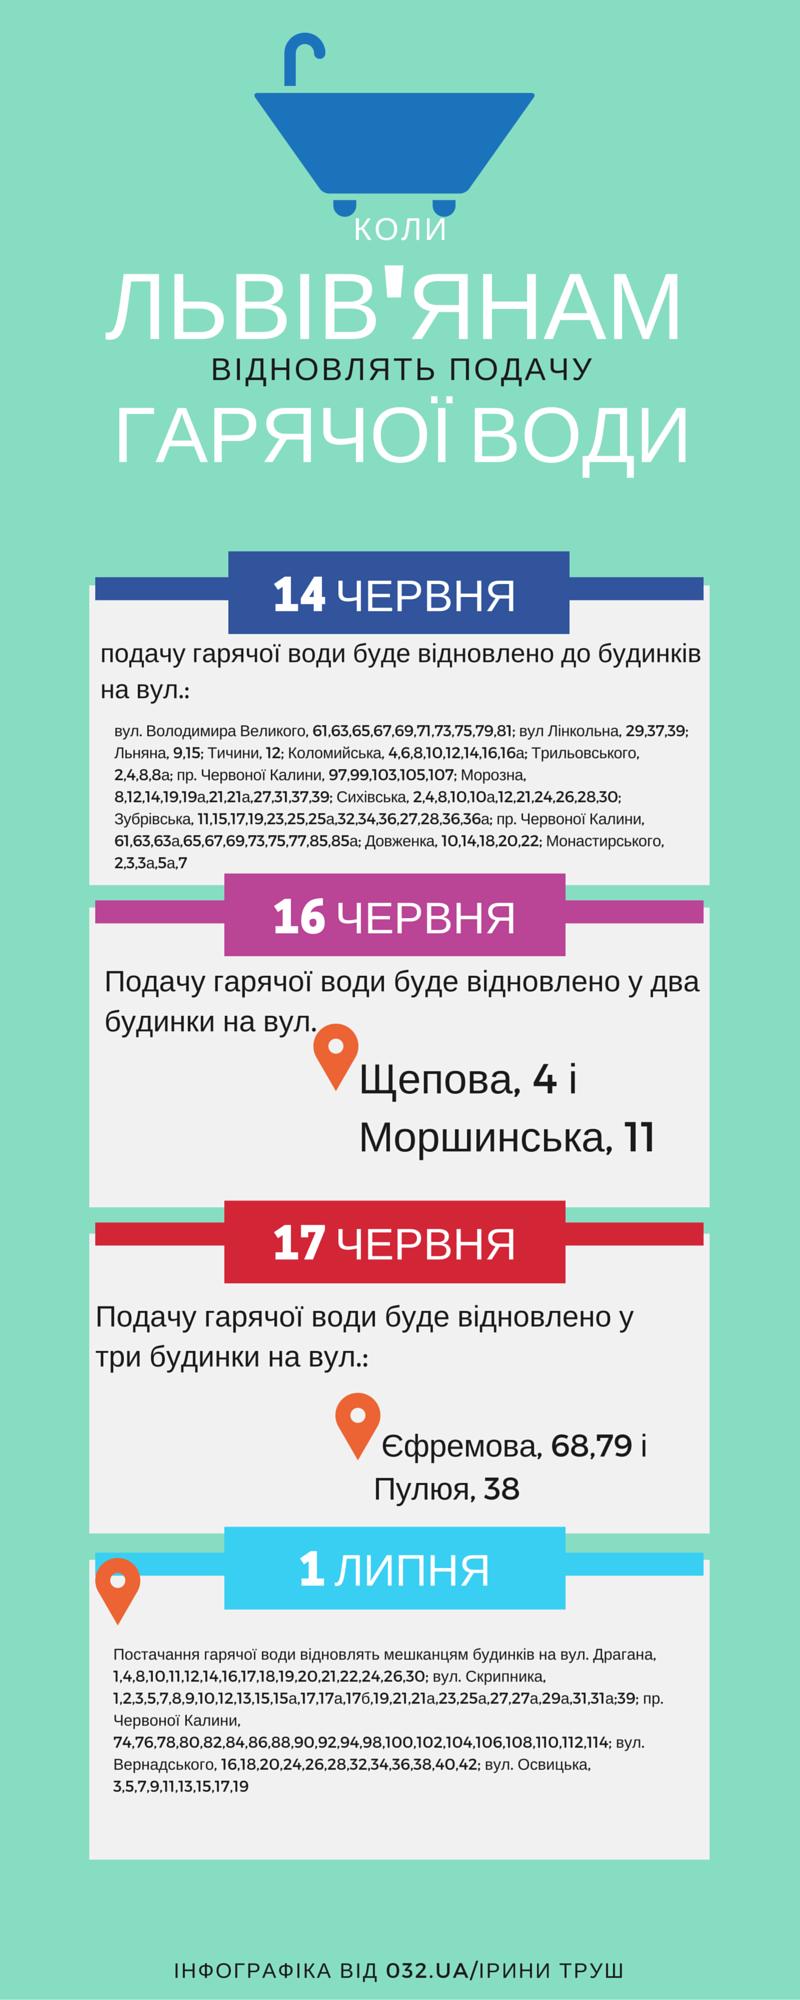 Copy of Львів. Стан аварійності на дорогах